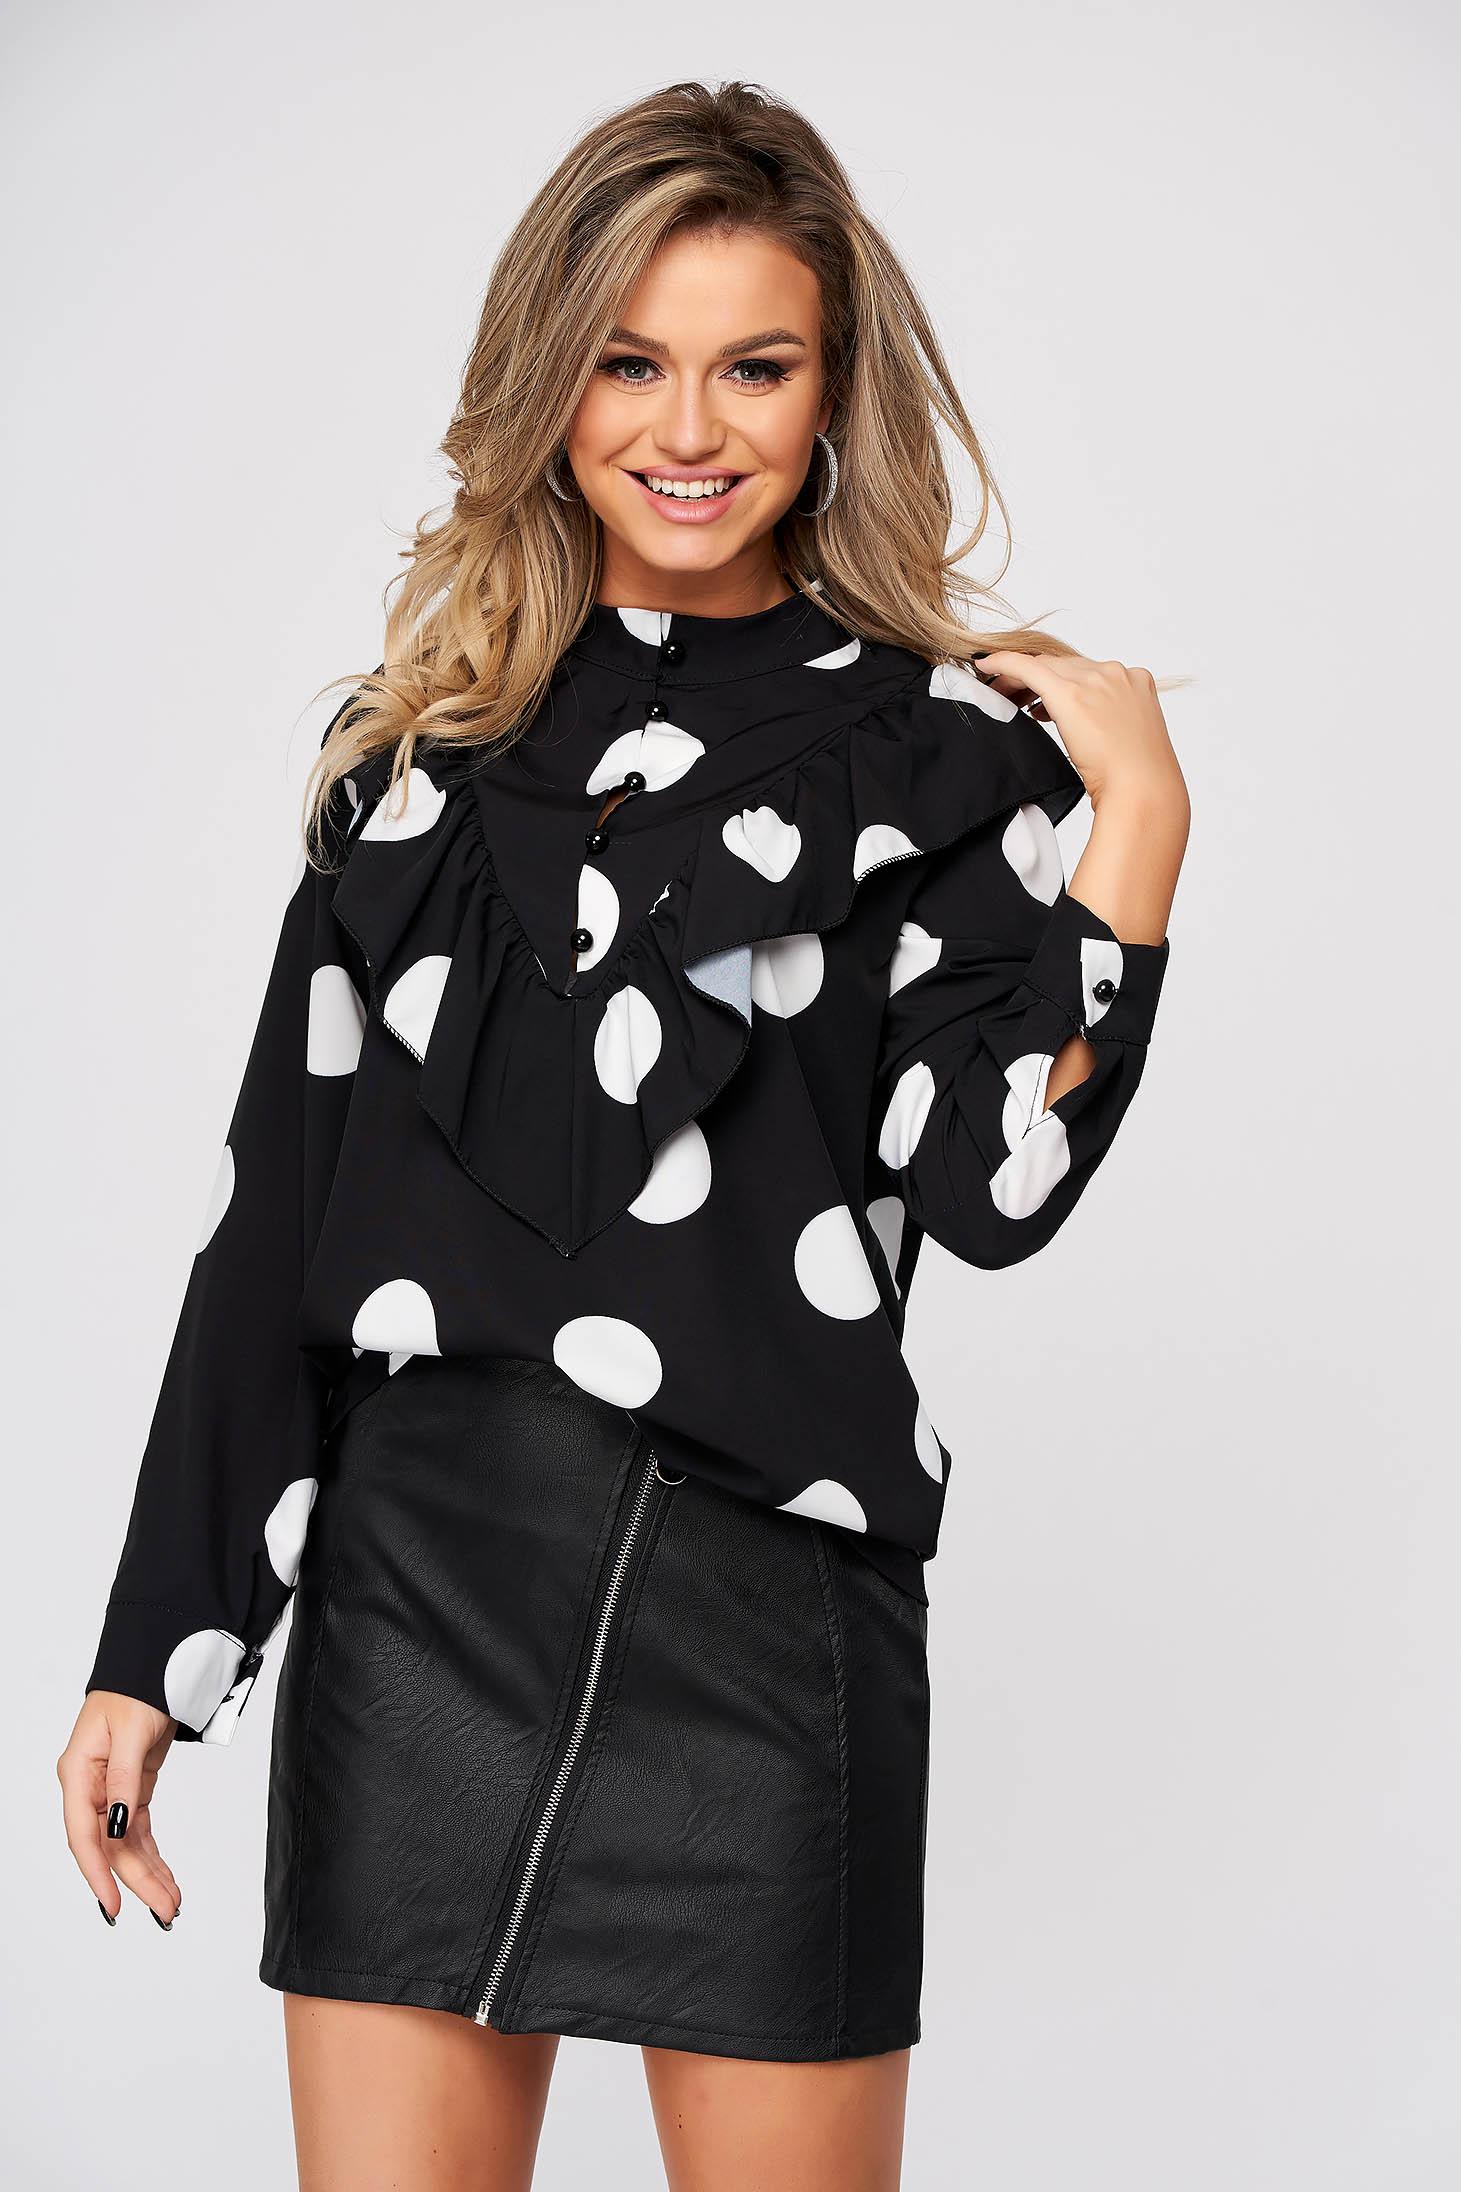 Fekete casual fodros bő szabású női ing pöttyös vékony anyagból